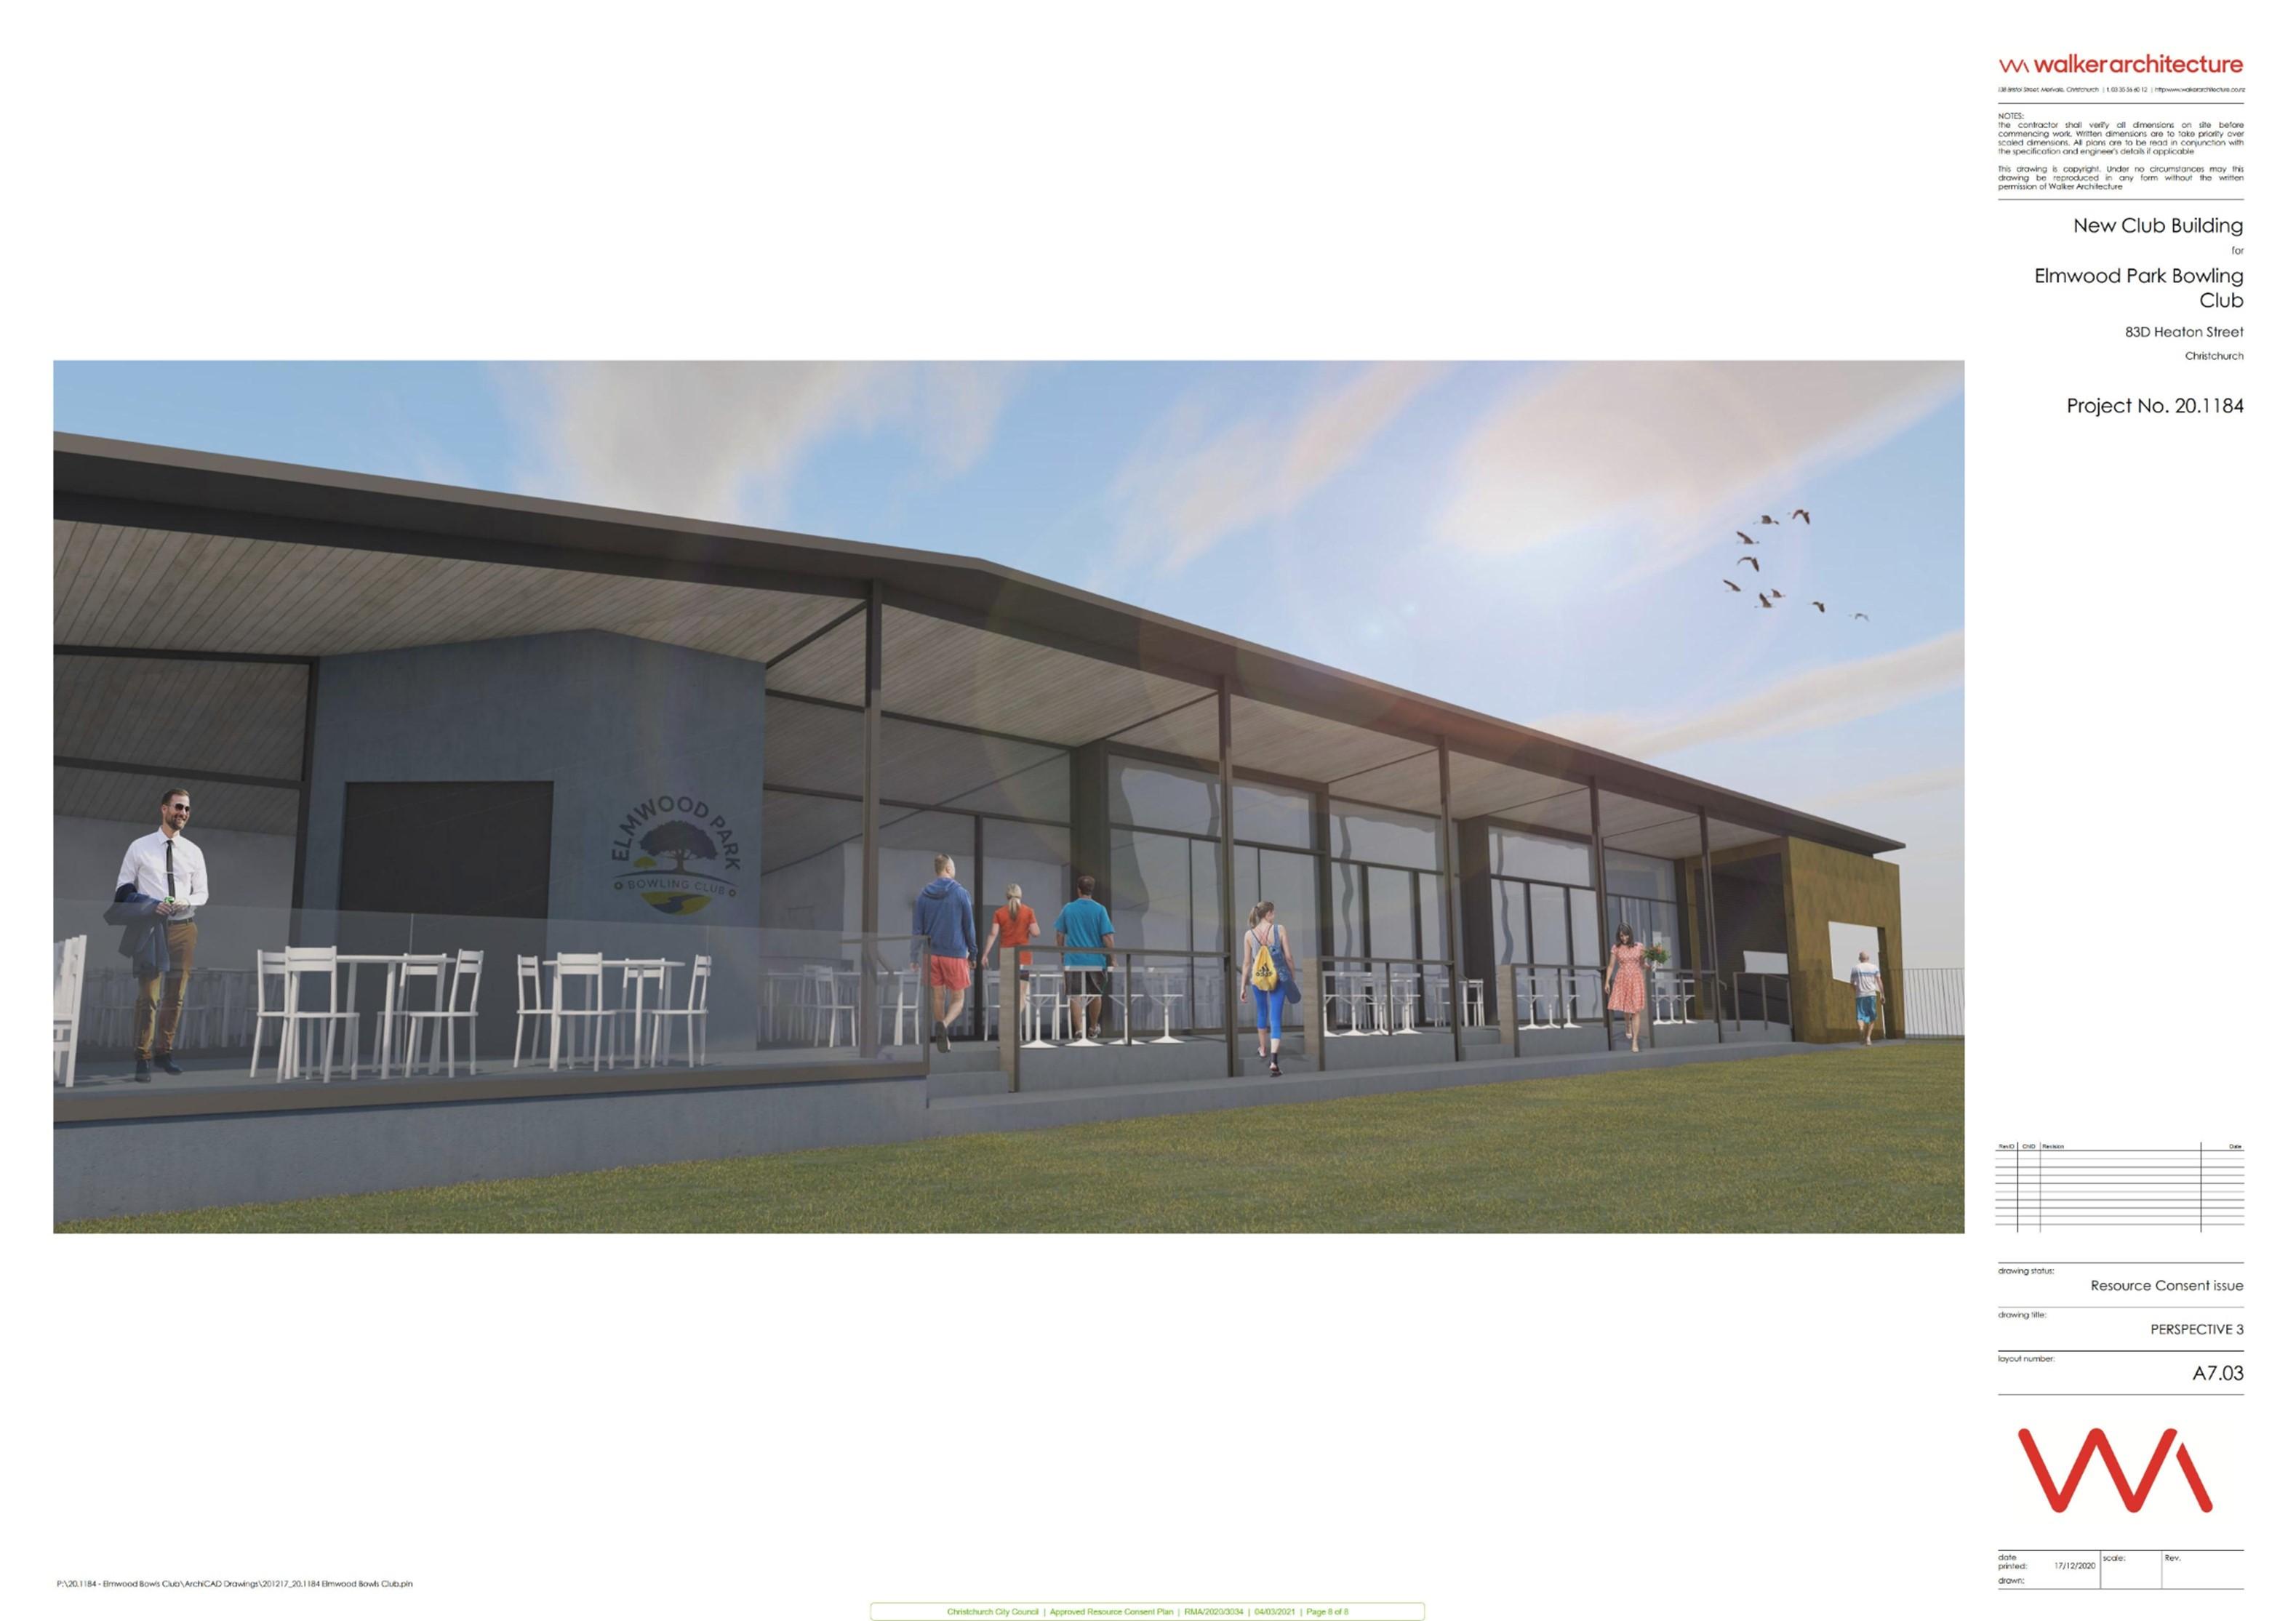 Elmwood Bowling Club plan 8 of 8